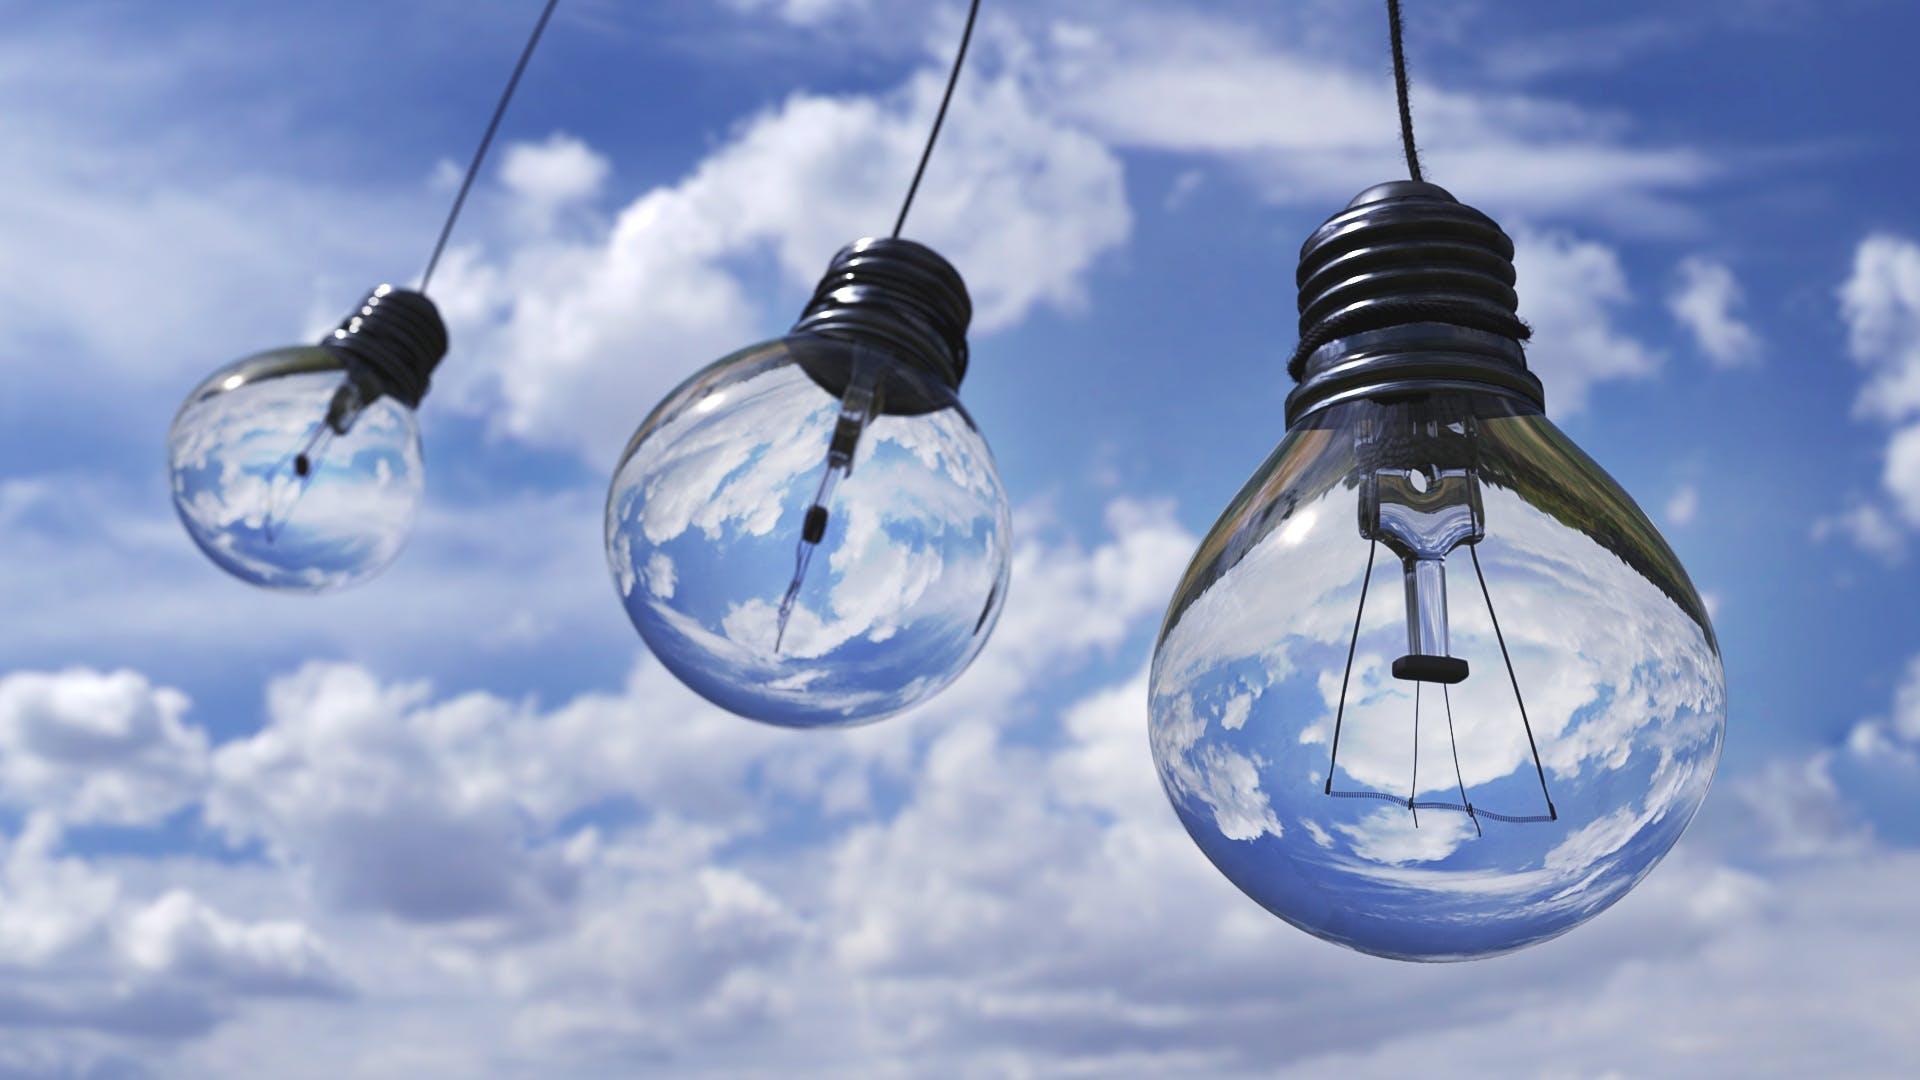 Three Light Bulbs Hung